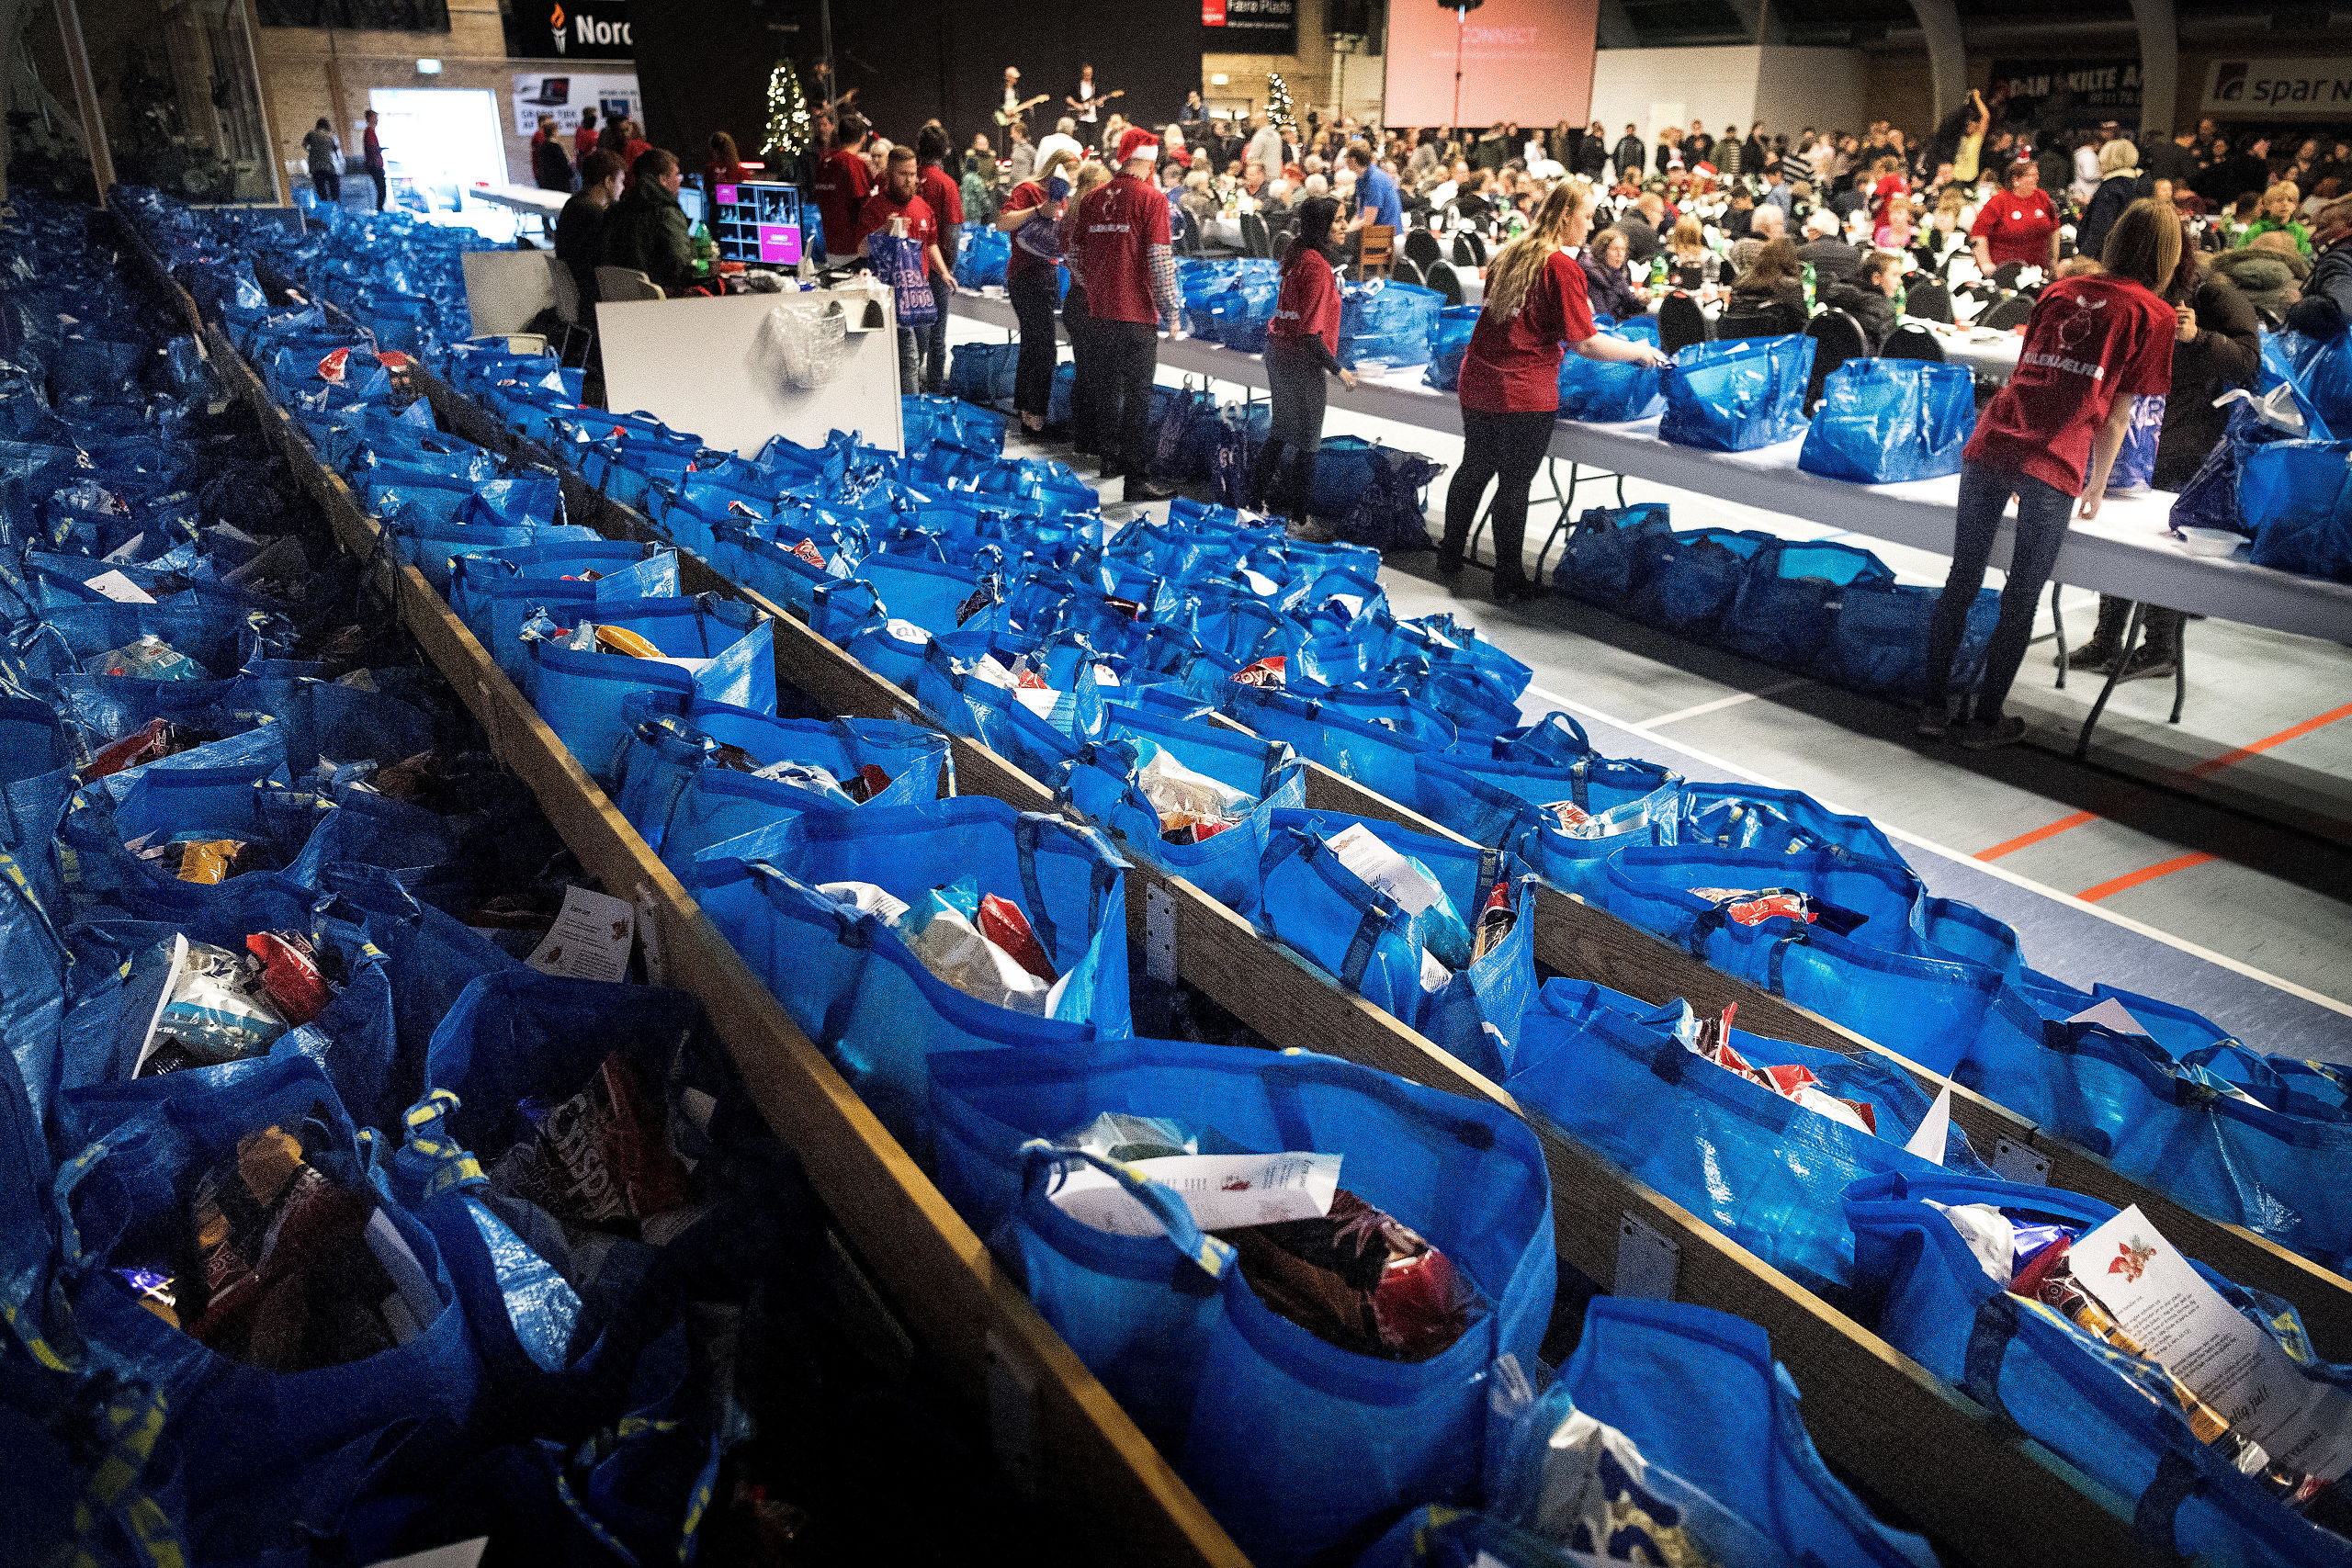 Sidste år var der julefest i idrætshallen på Østre Allé. Arkivfoto: Torben Hansen